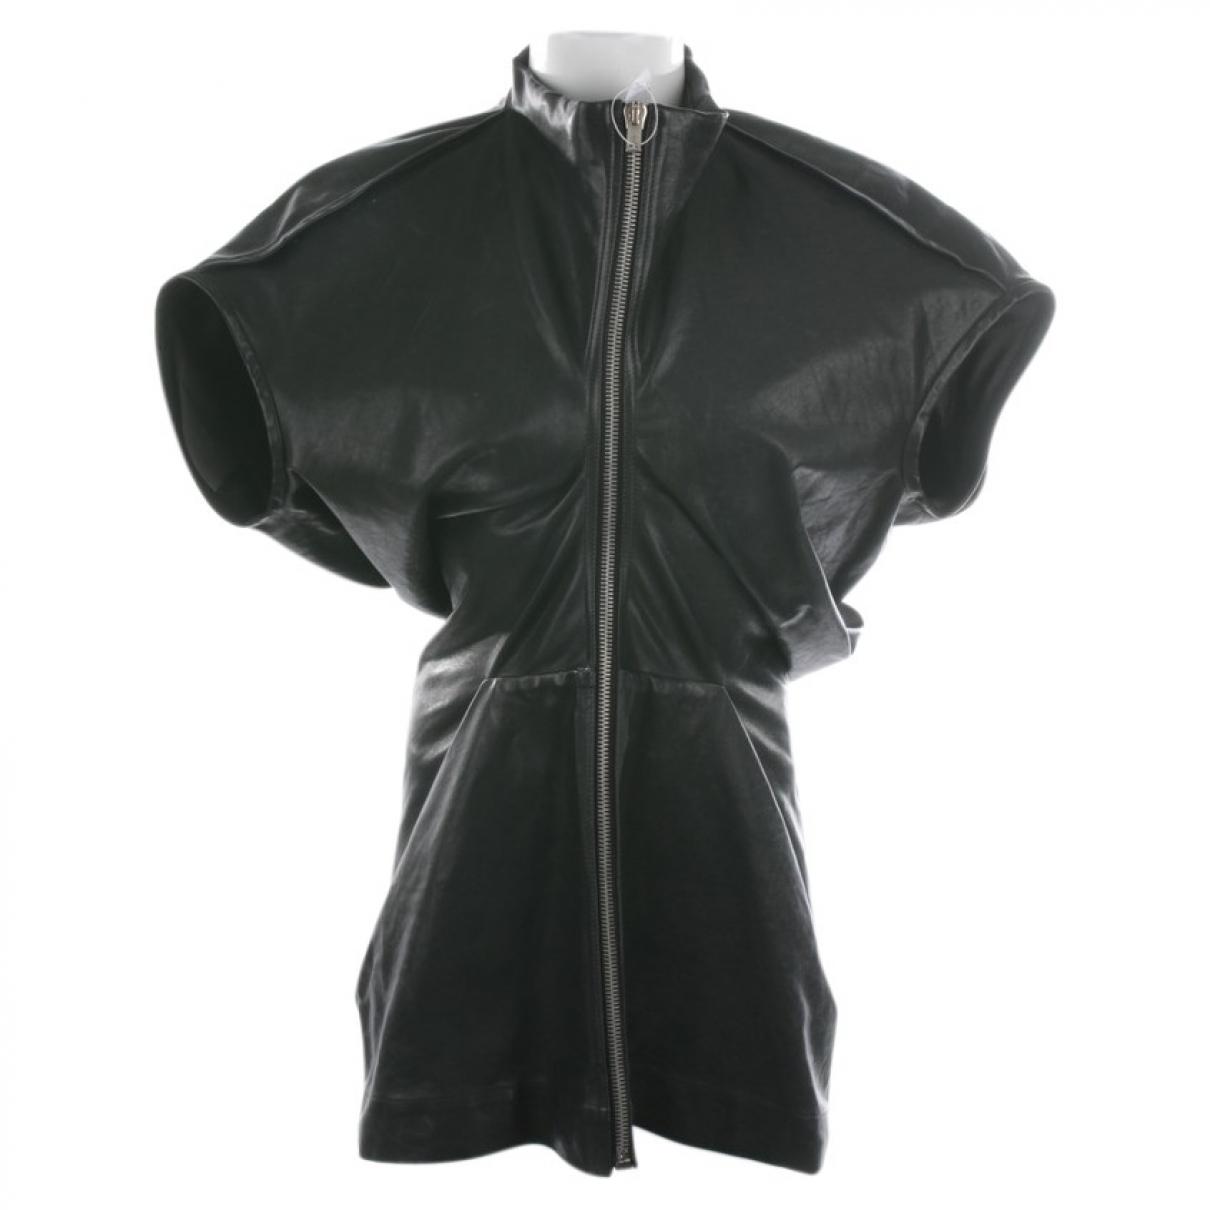 Rick Owens - Top   pour femme en cuir - noir